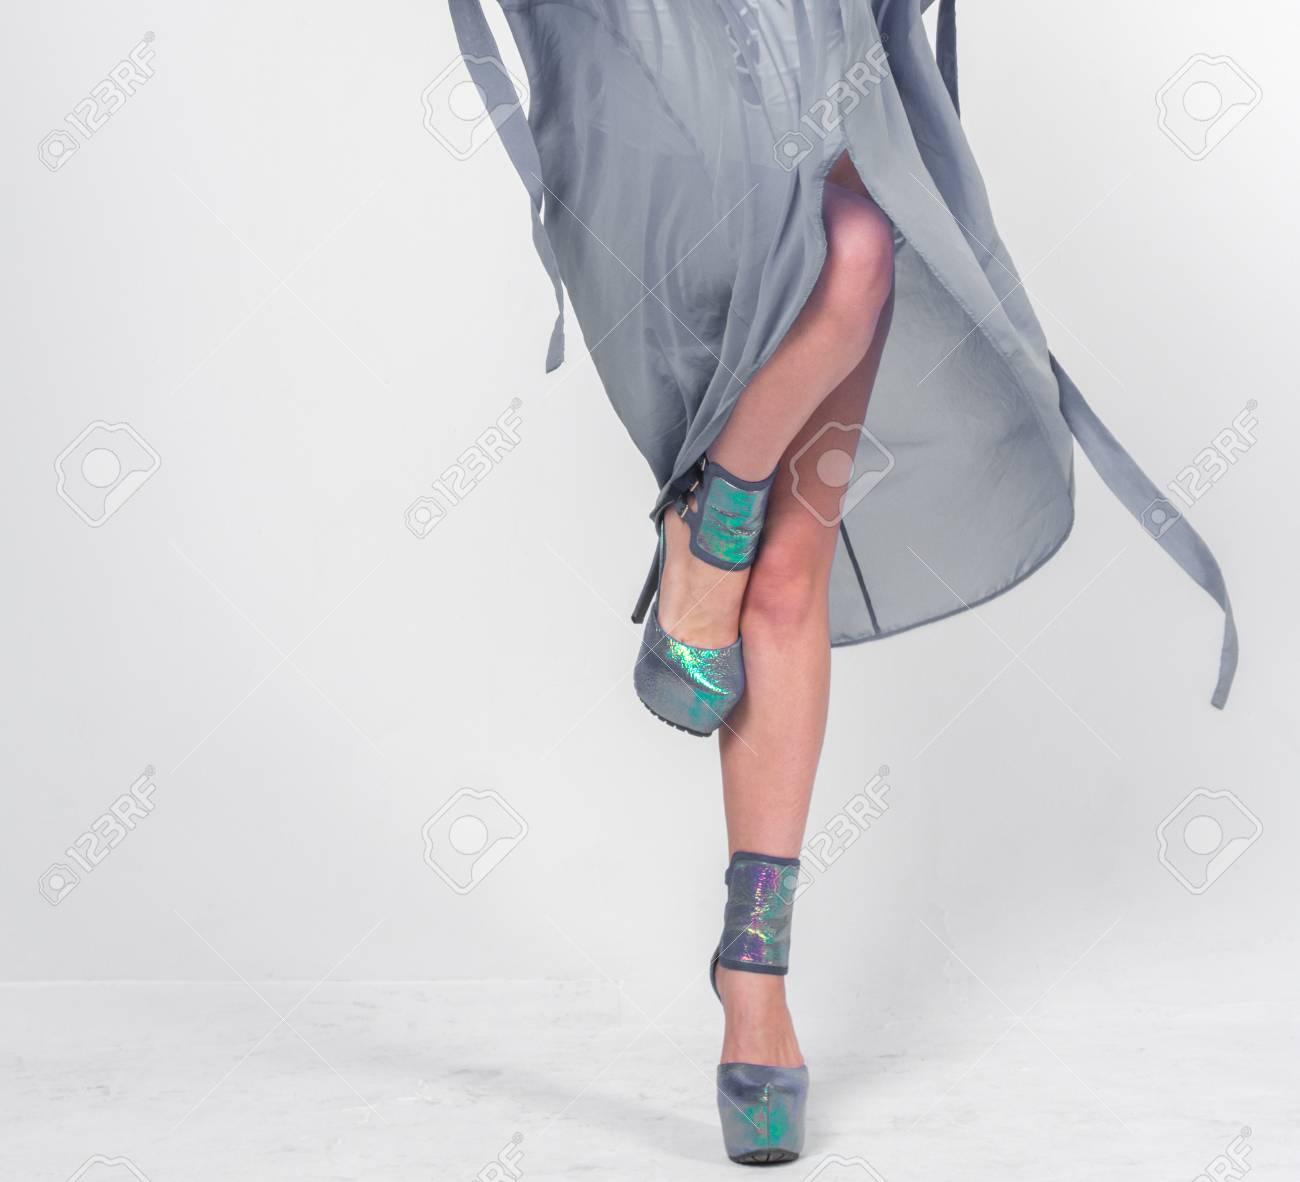 f8bb26b0ff0079 Hübsche Frau posiert in weißen Bademode und grauem Bademantel.  Standard-Bild - 74223226